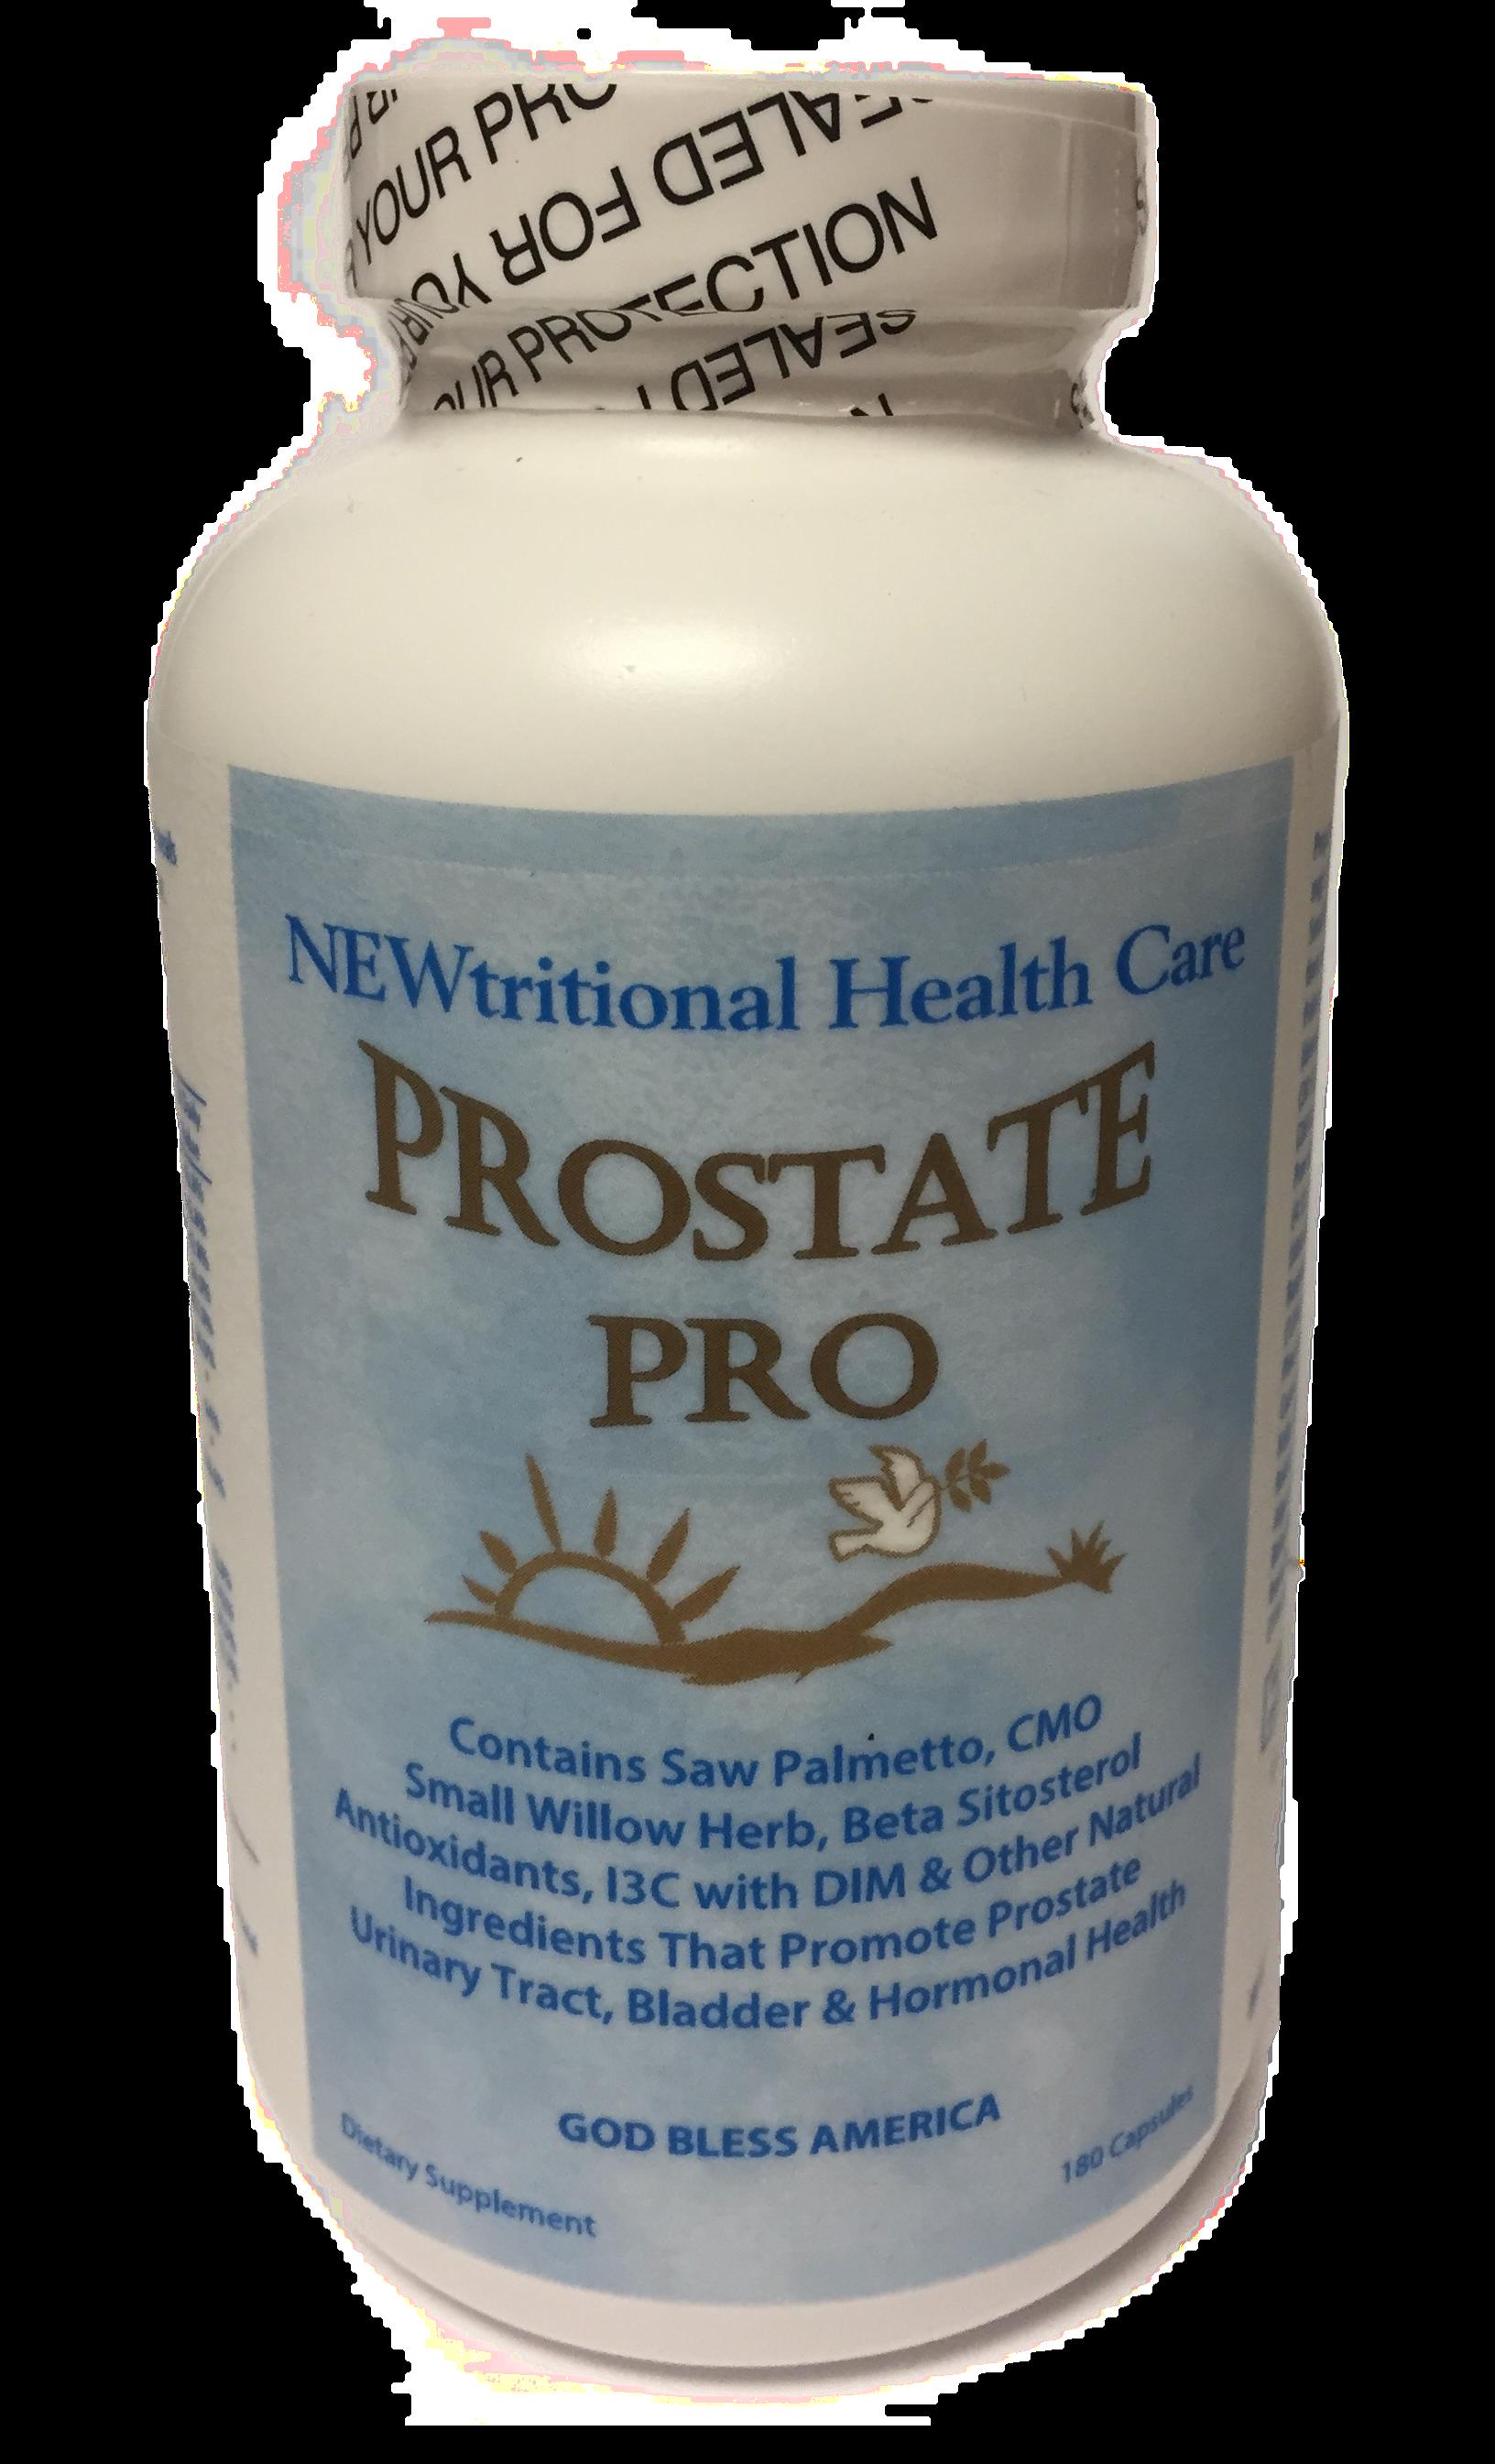 Prostate Pro